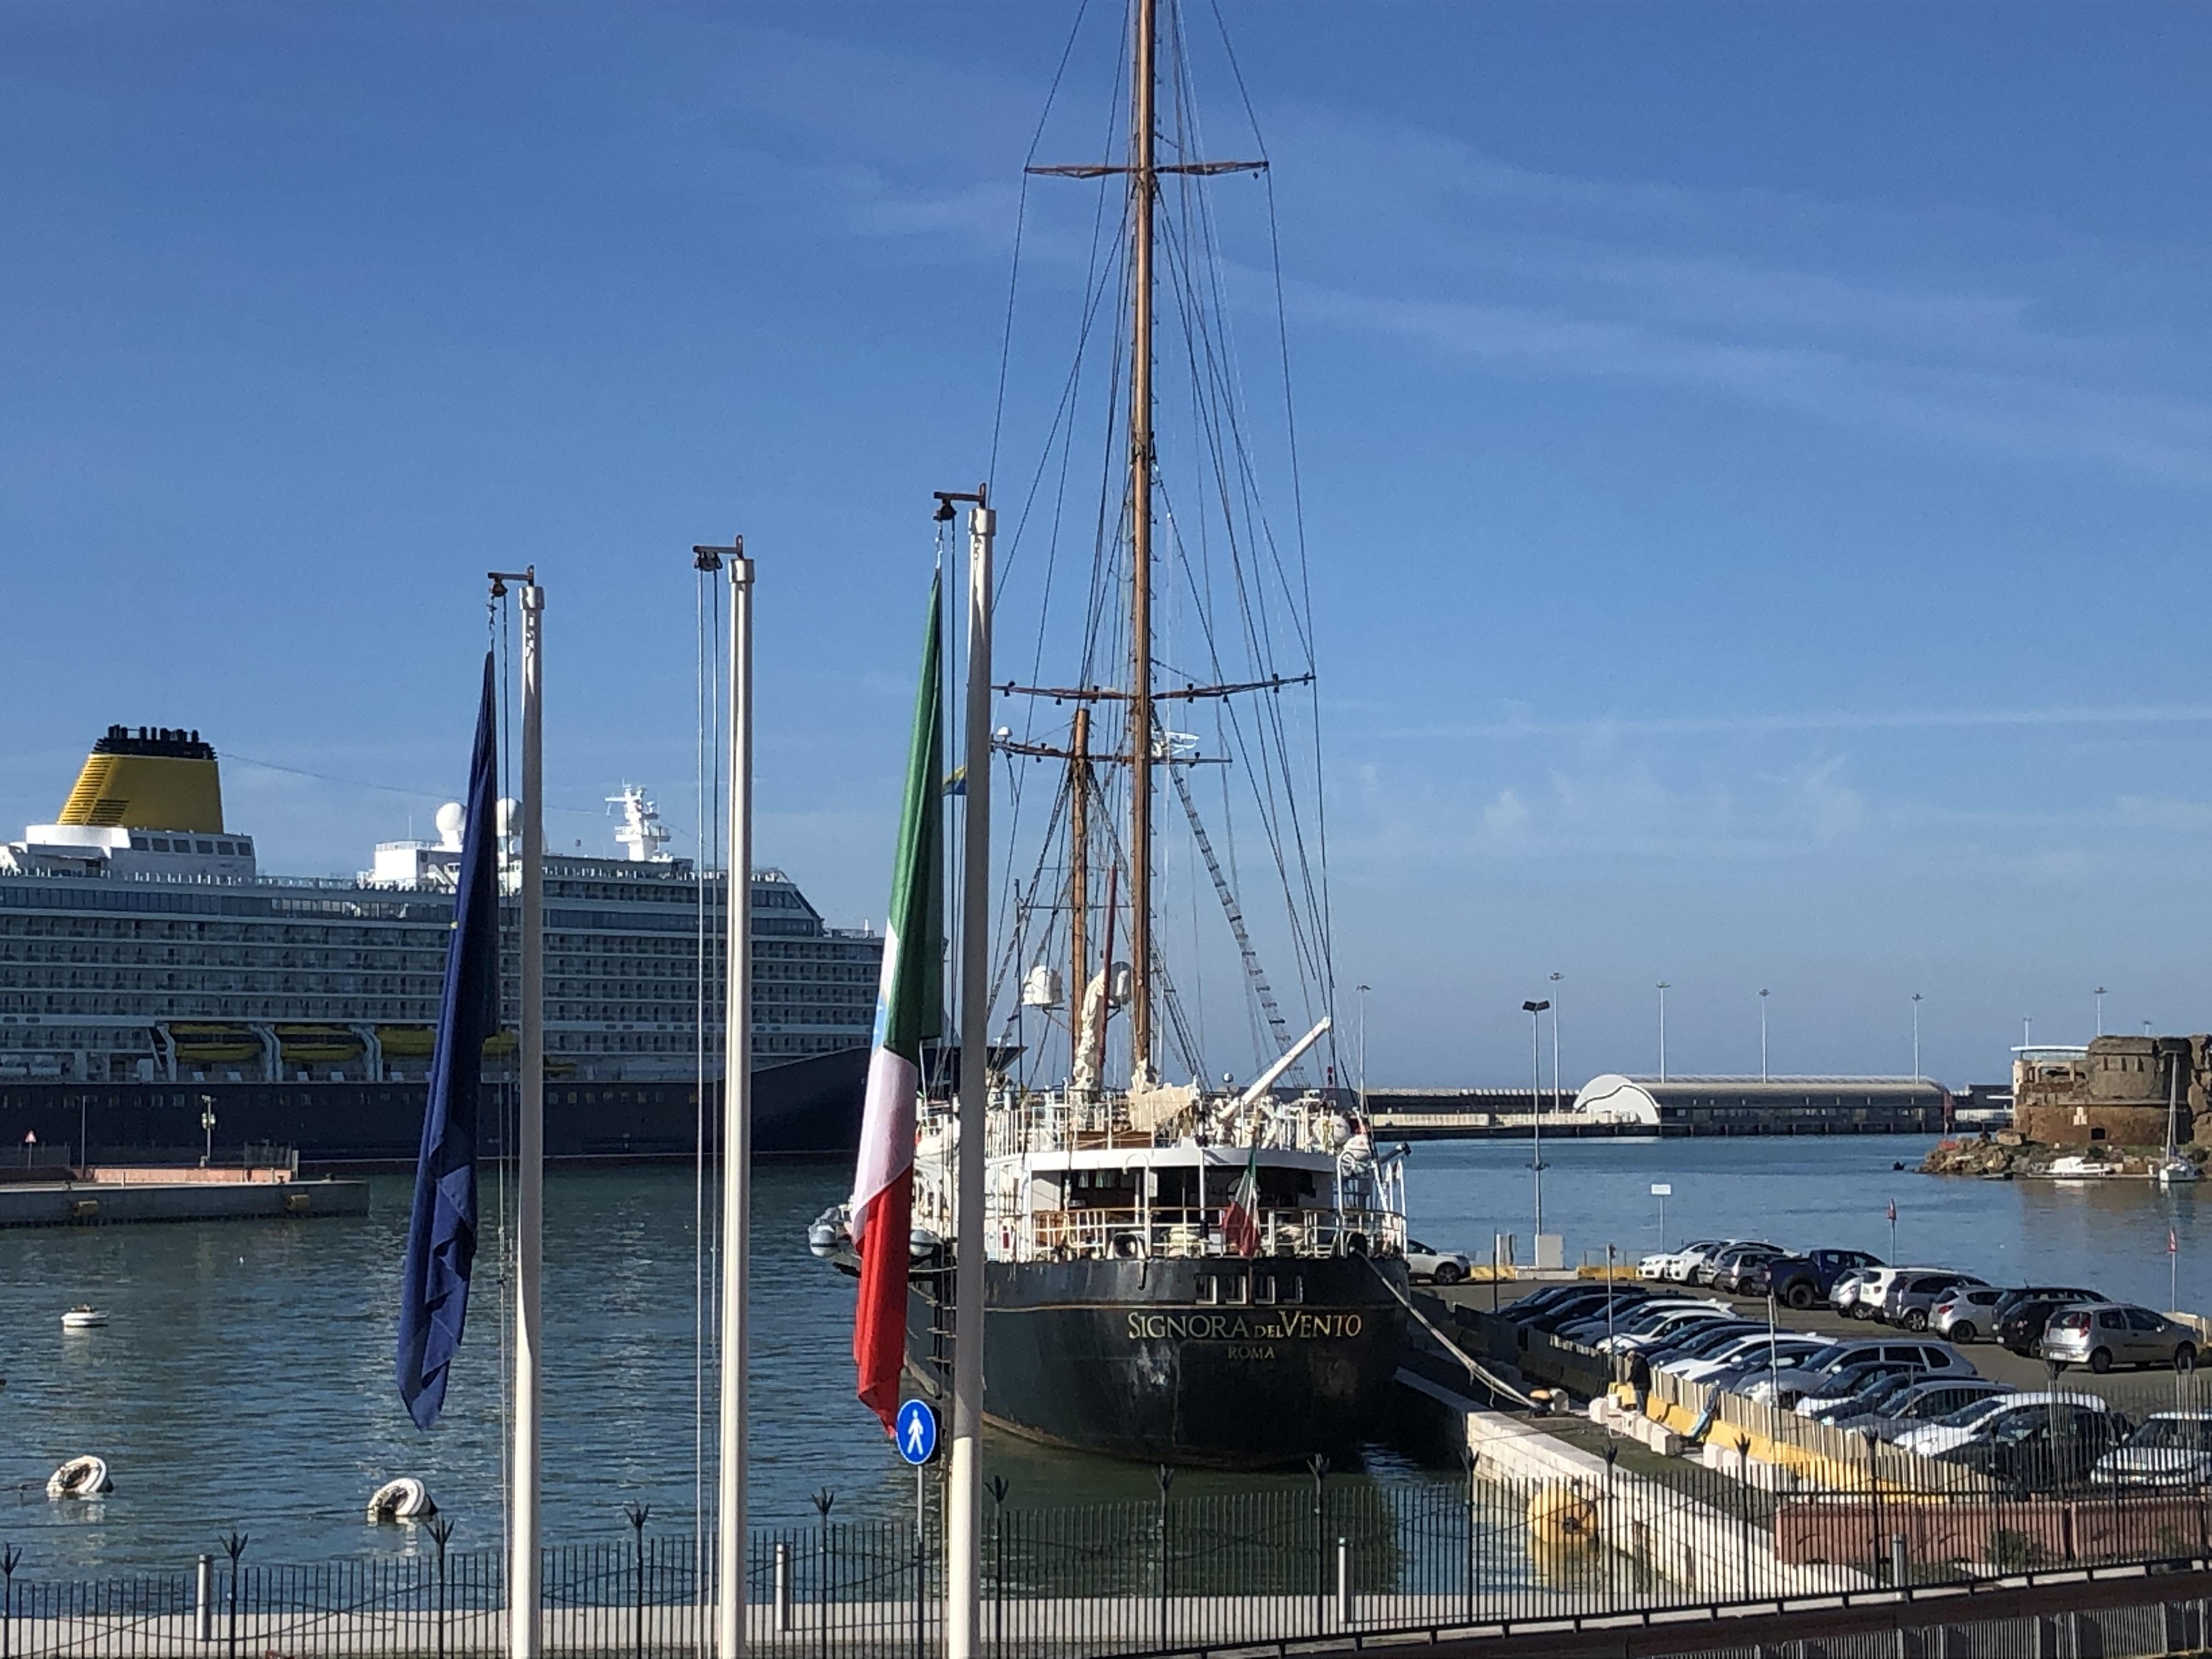 La Signora del Vento accolta in porto a Civitavecchia